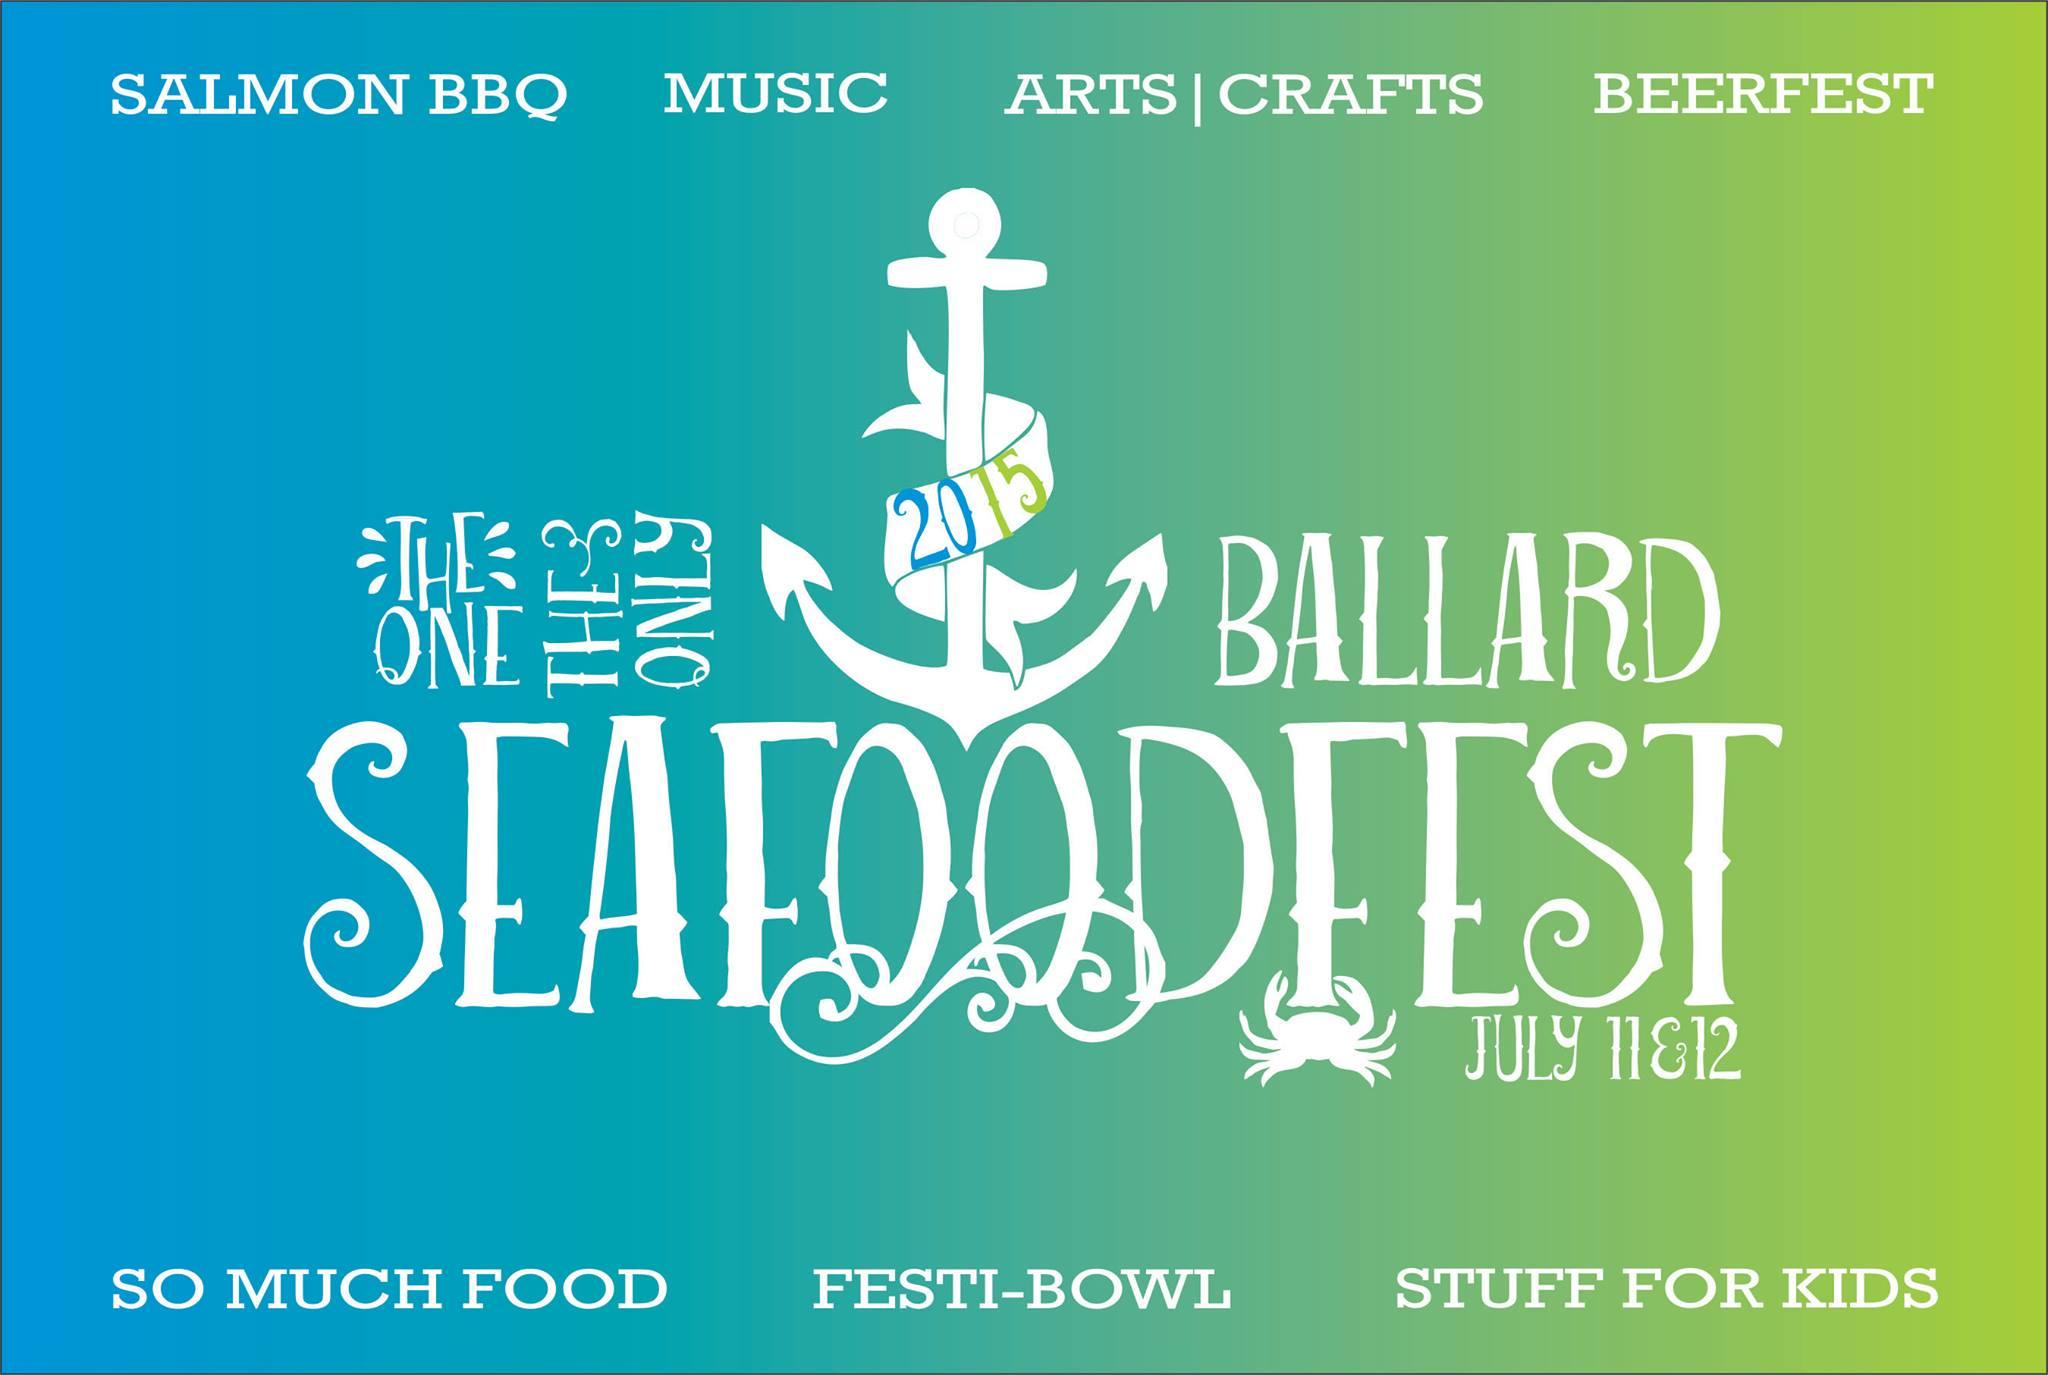 Poster, Ballard SeafoodFest, Seattle, WA